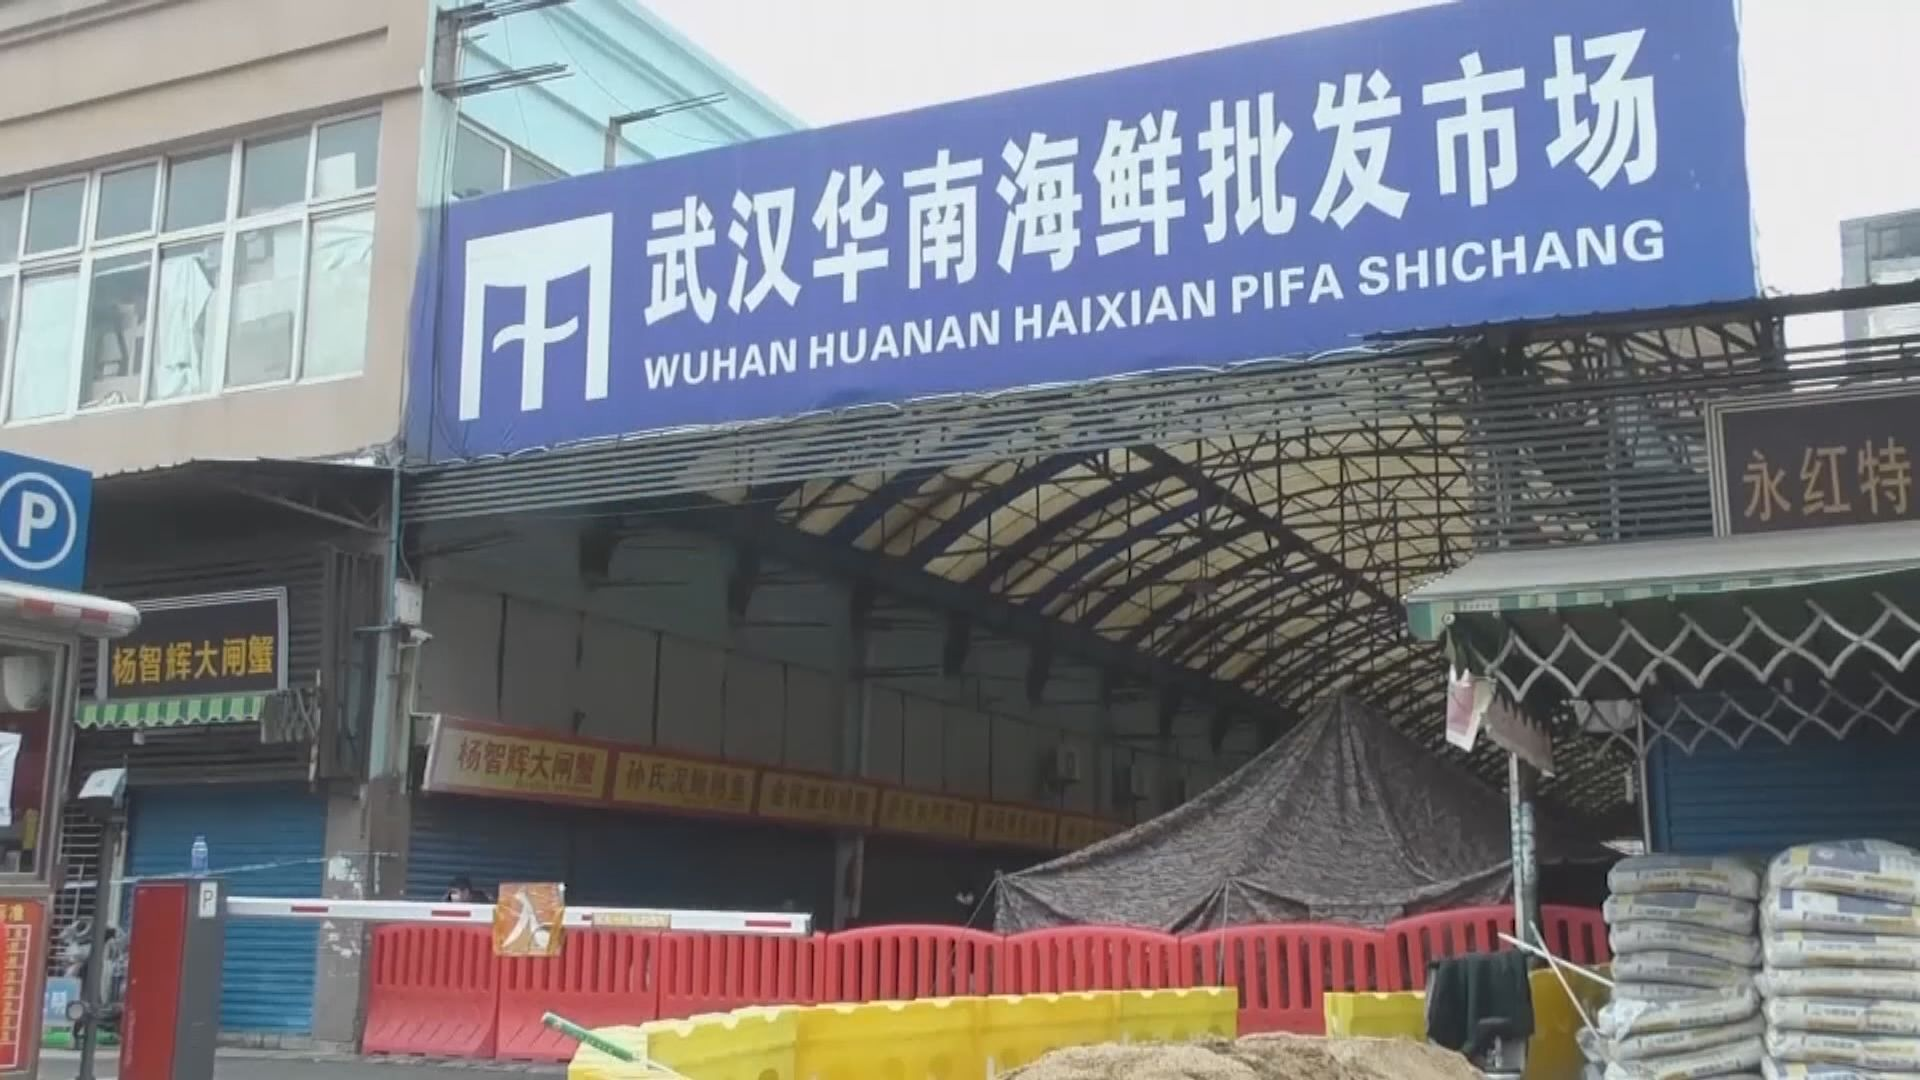 當局指武漢華南海鮮市場檢出大量新型冠狀病毒